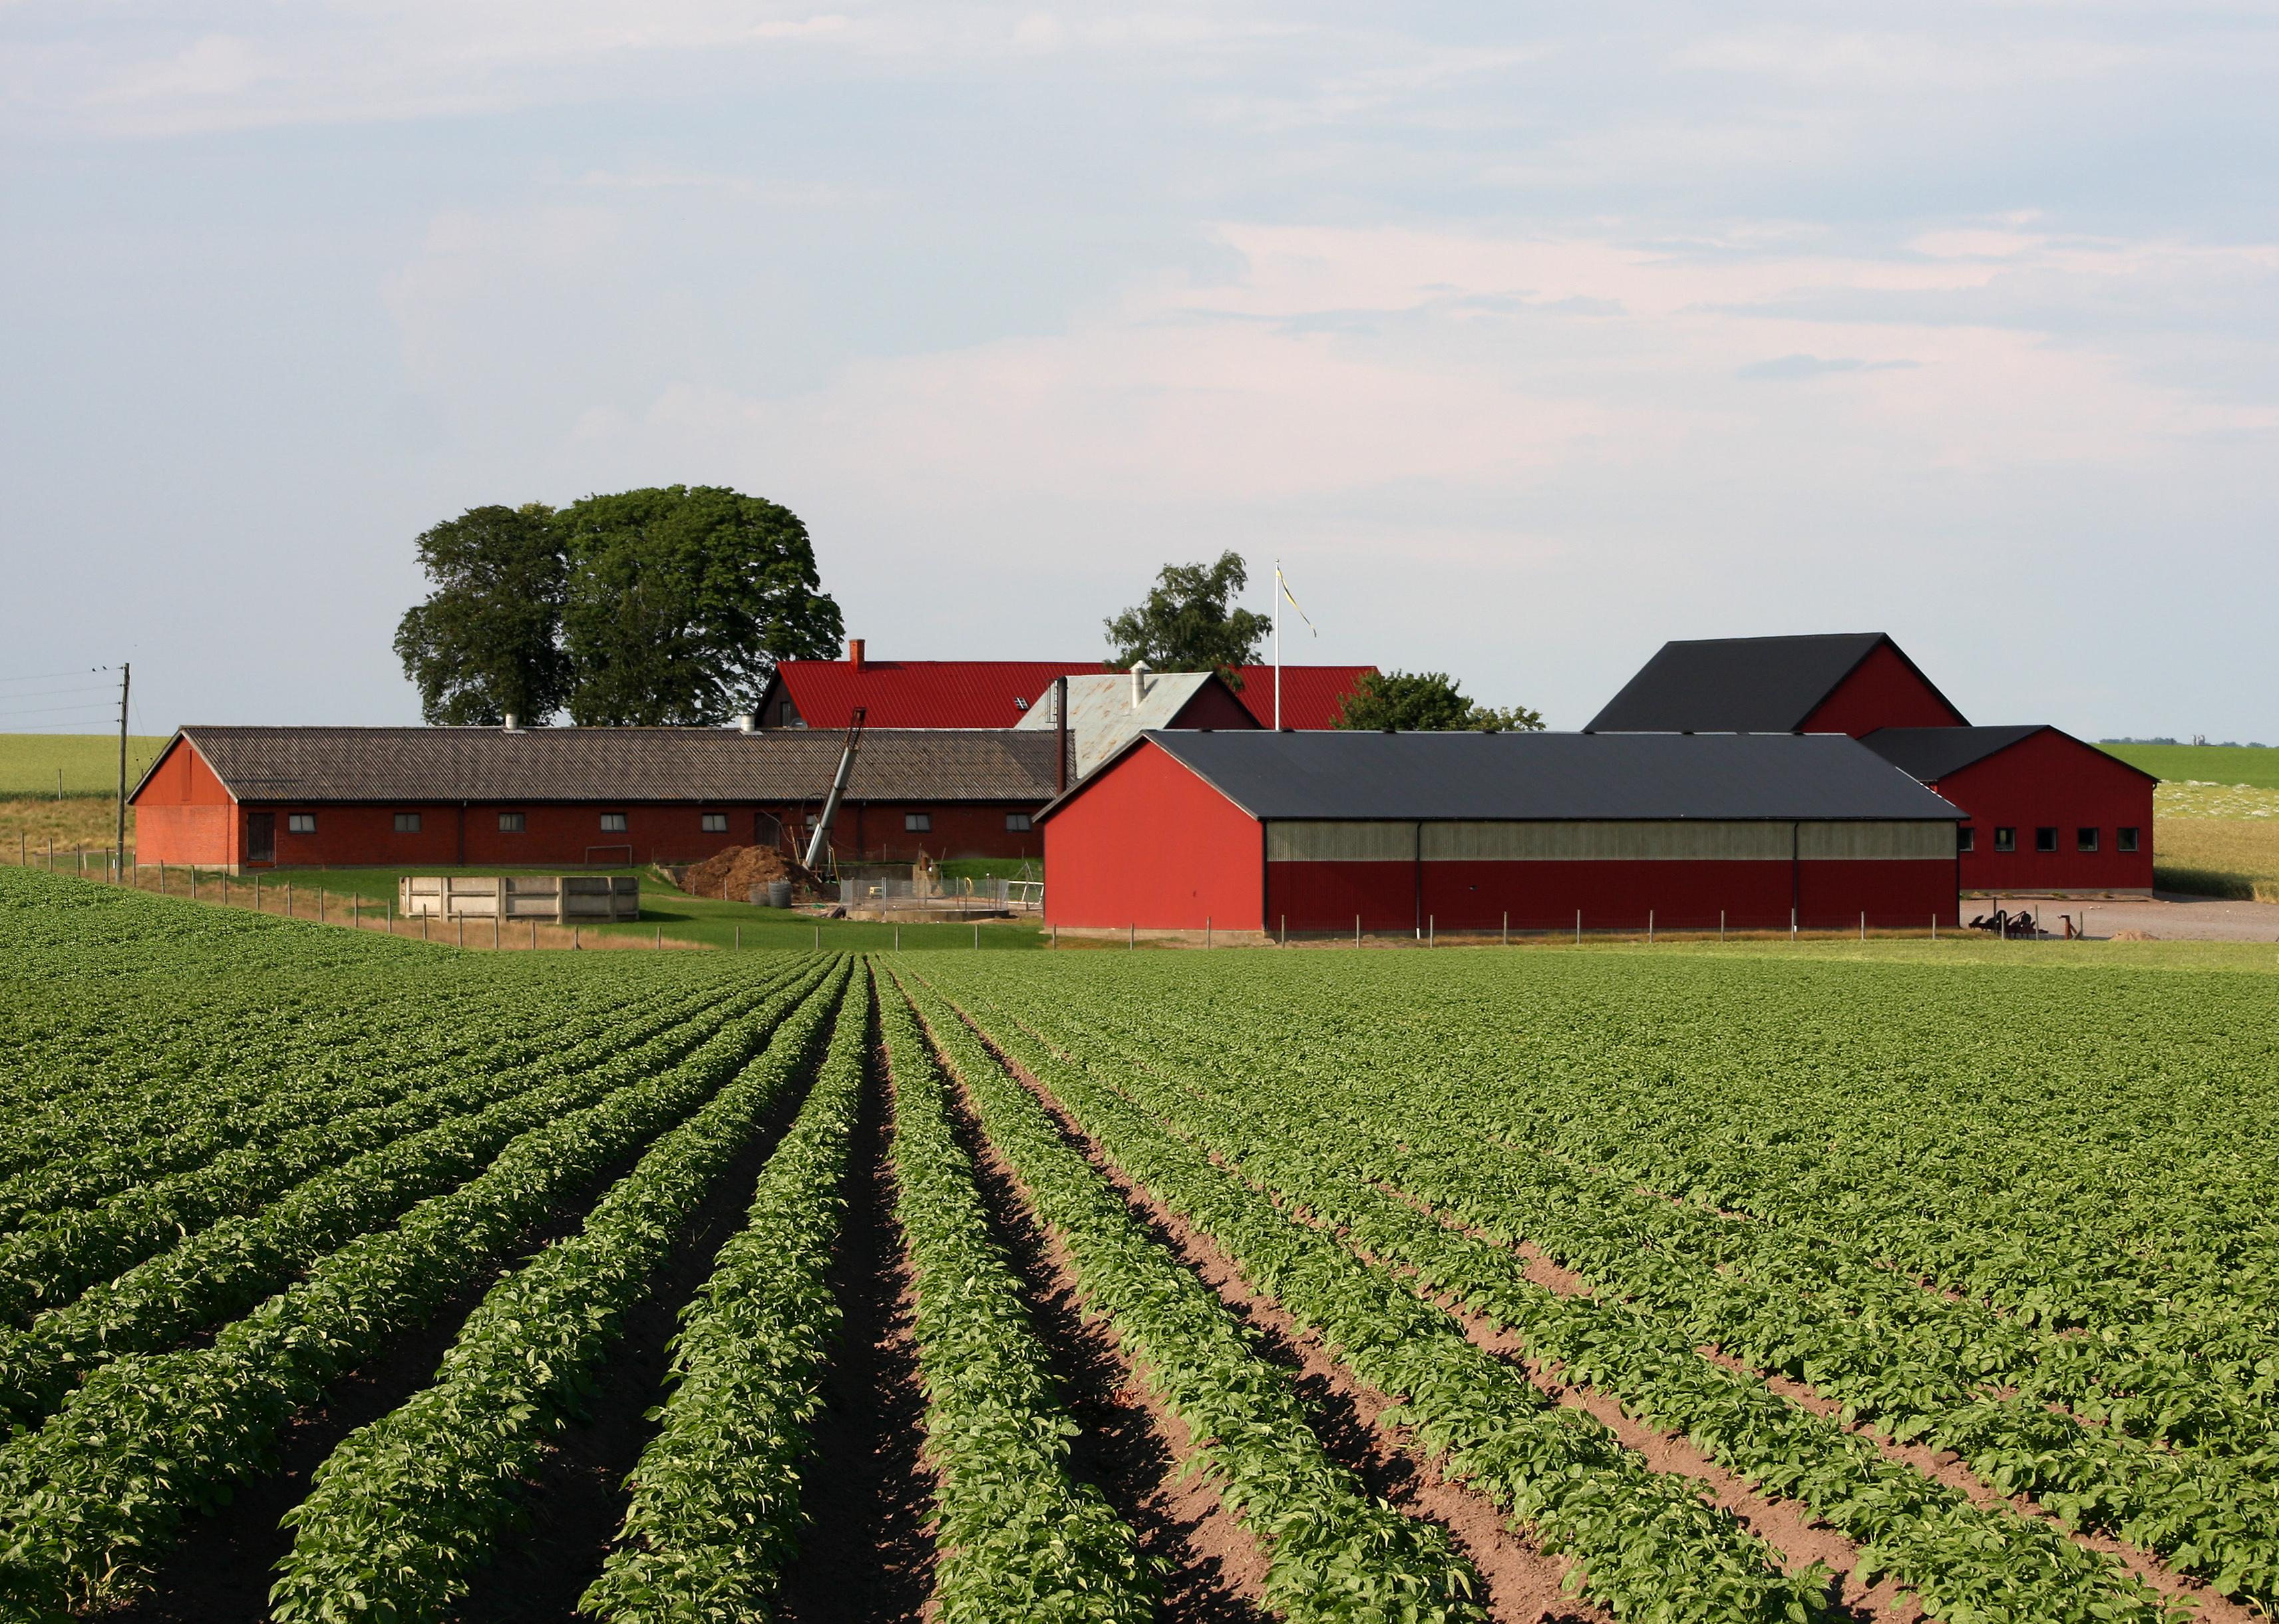 Milyen hatékony a baktériumtrágyával elvégzett talajjavítás?